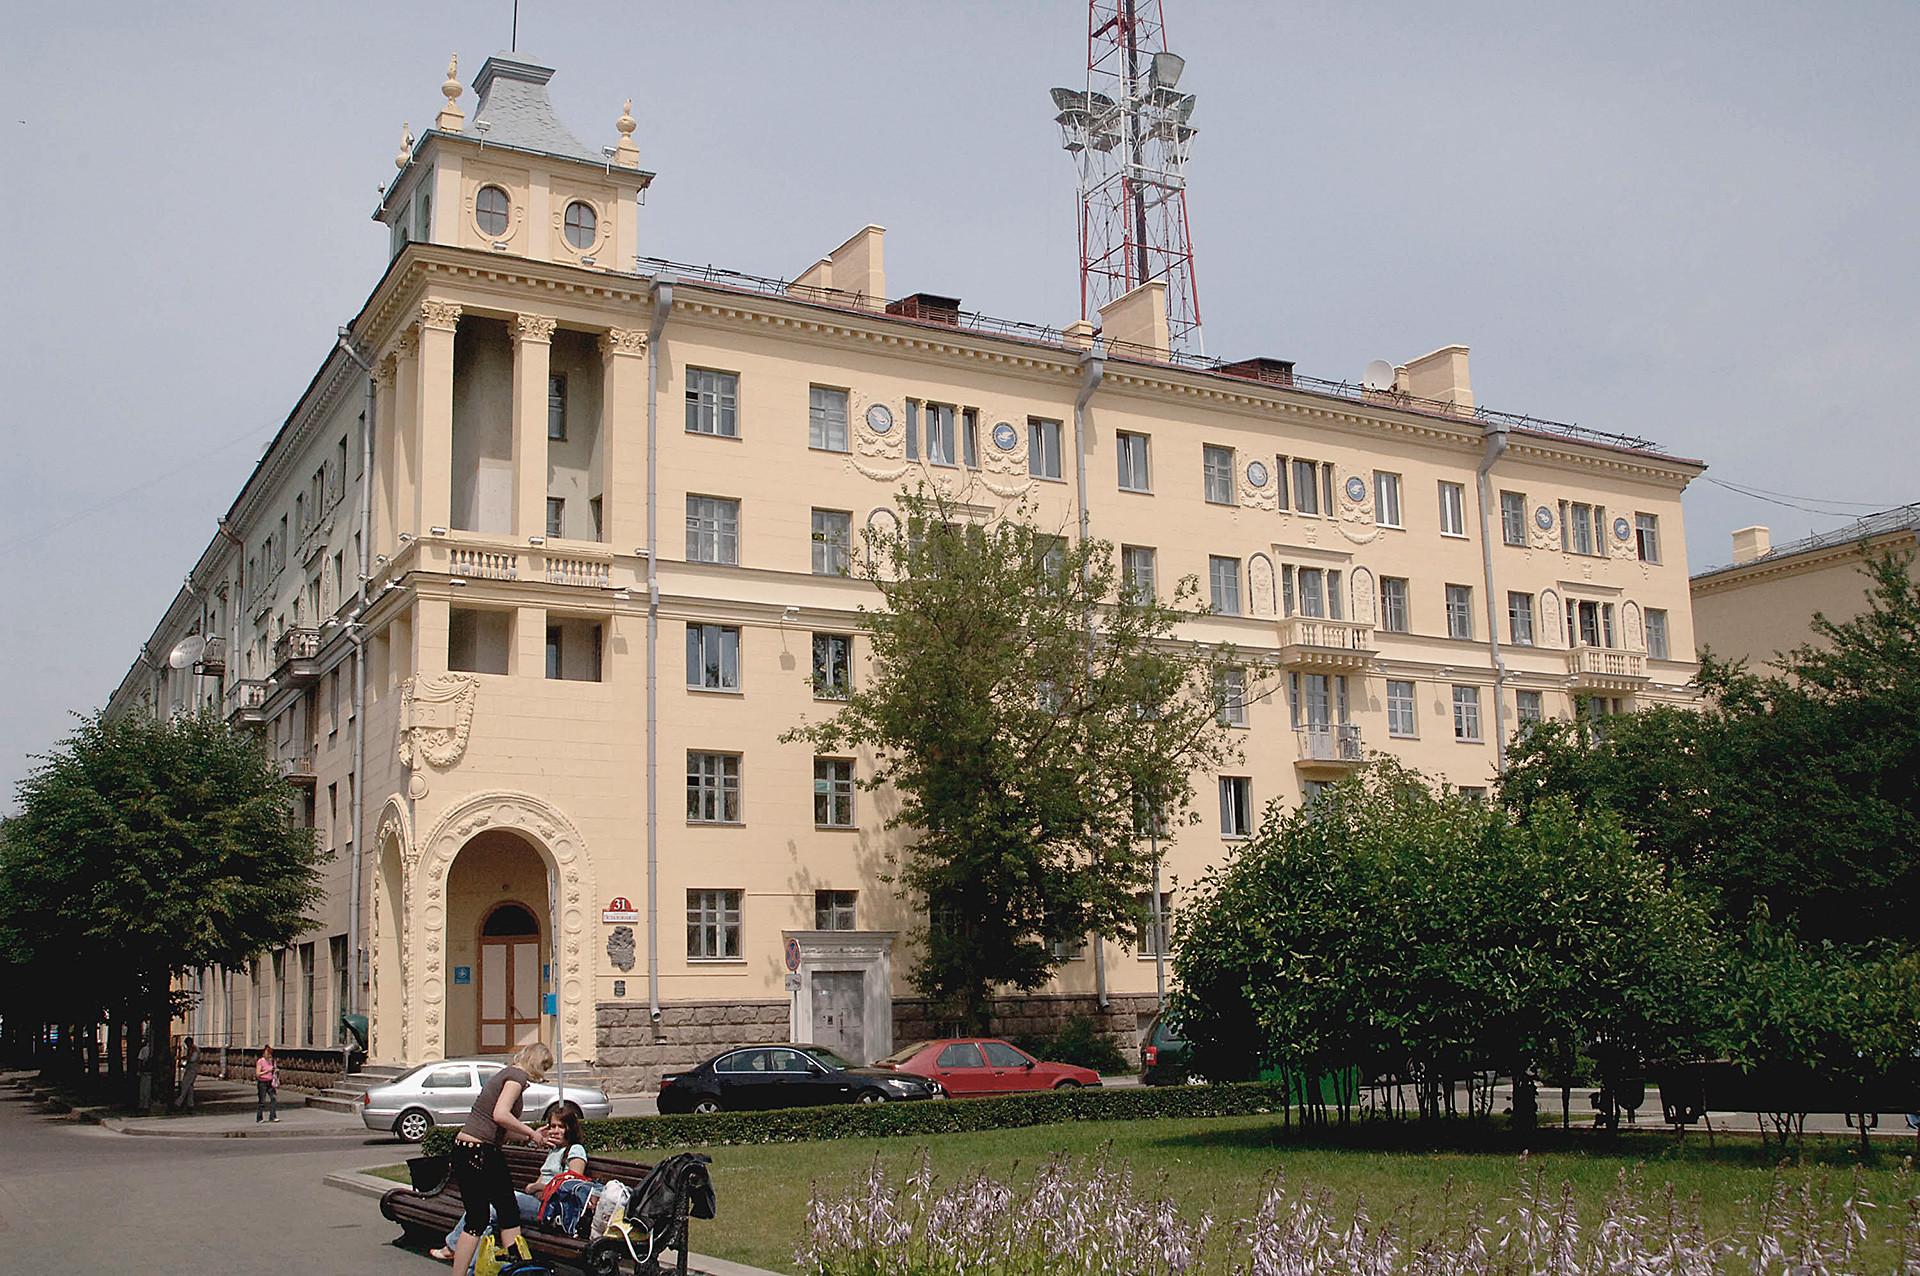 オスワルドが住んでいたアパートのビル、ミンスク